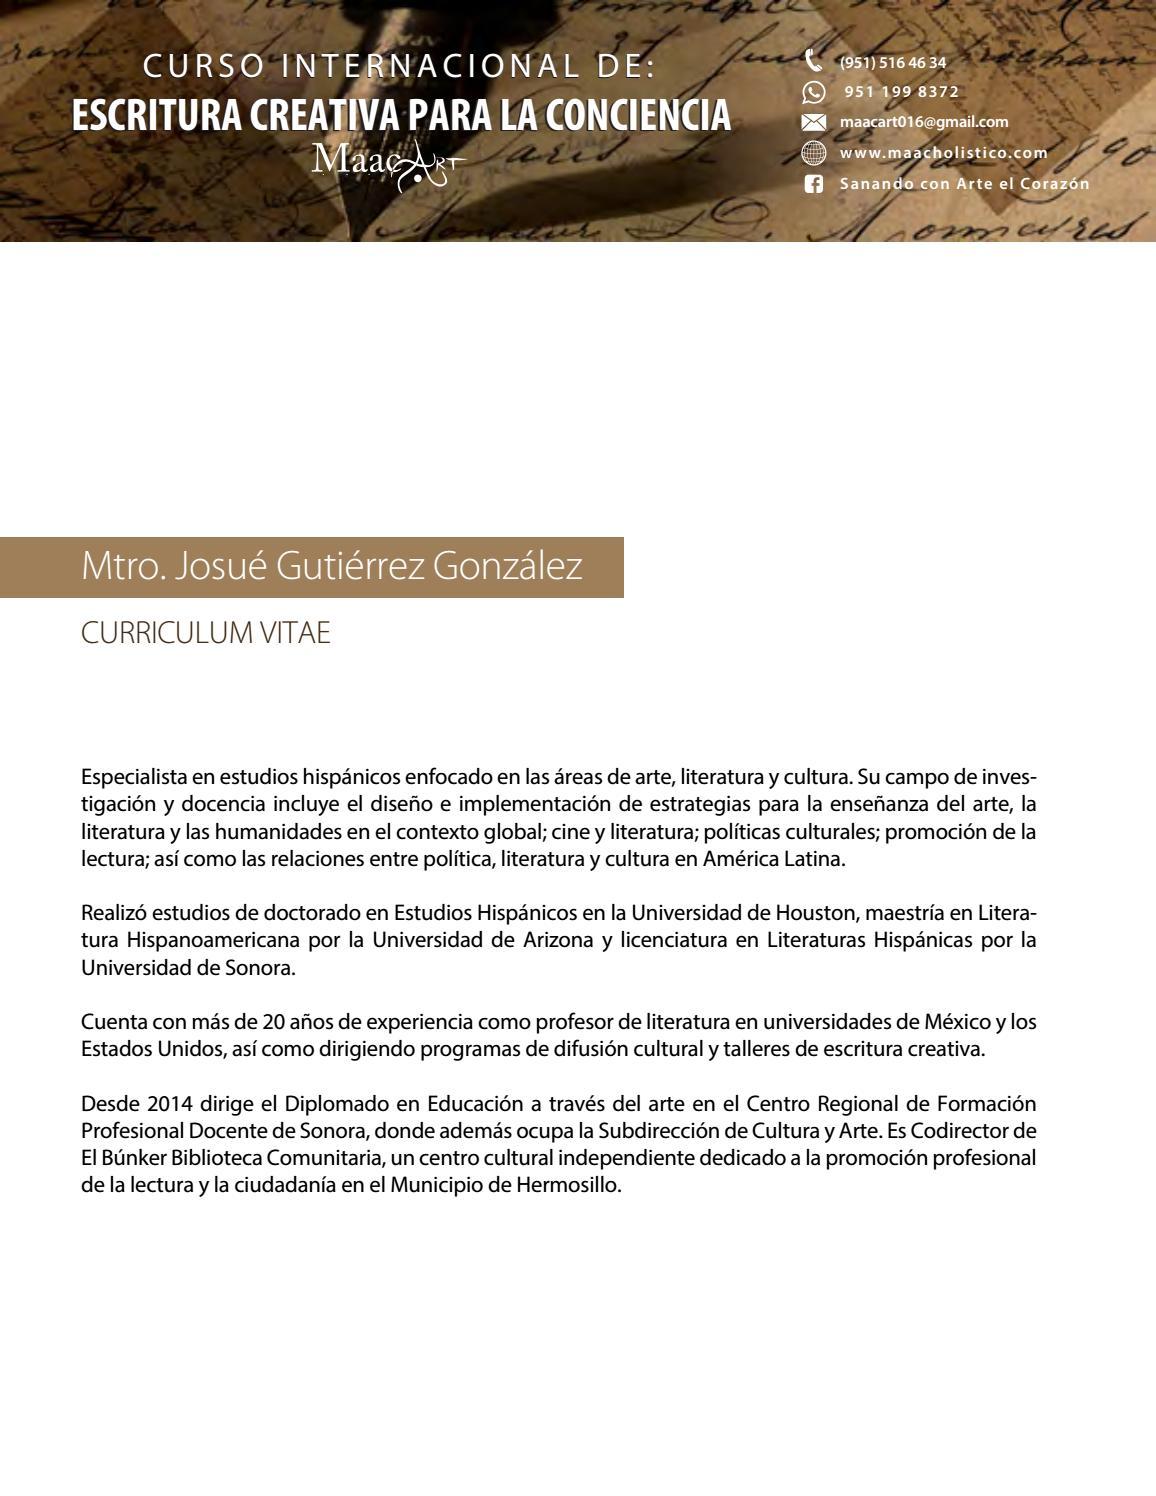 CV Josué Gutierrez by arteterapia - issuu